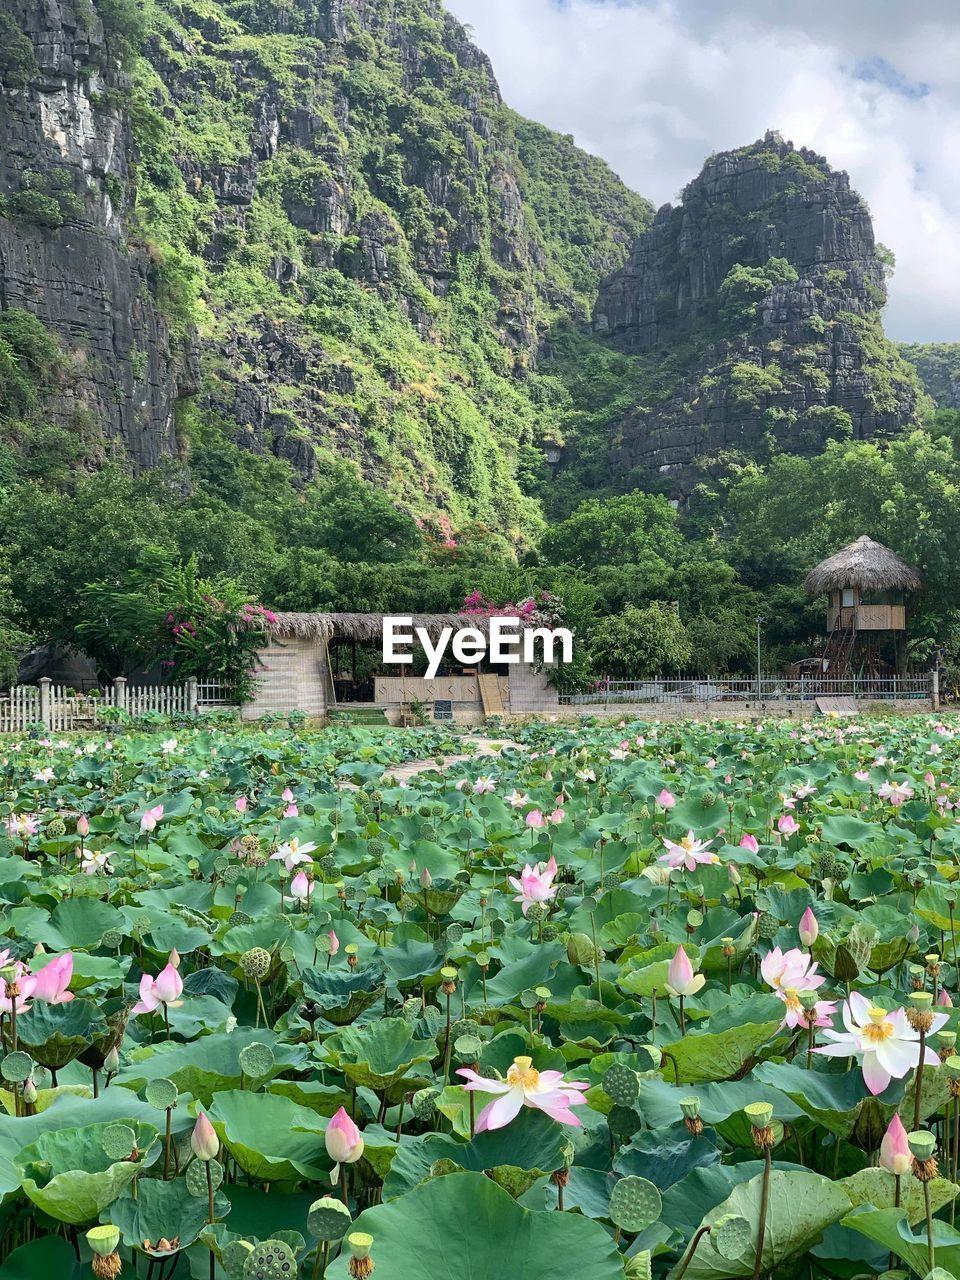 VIEW OF FLOWERING PLANTS AGAINST WATER